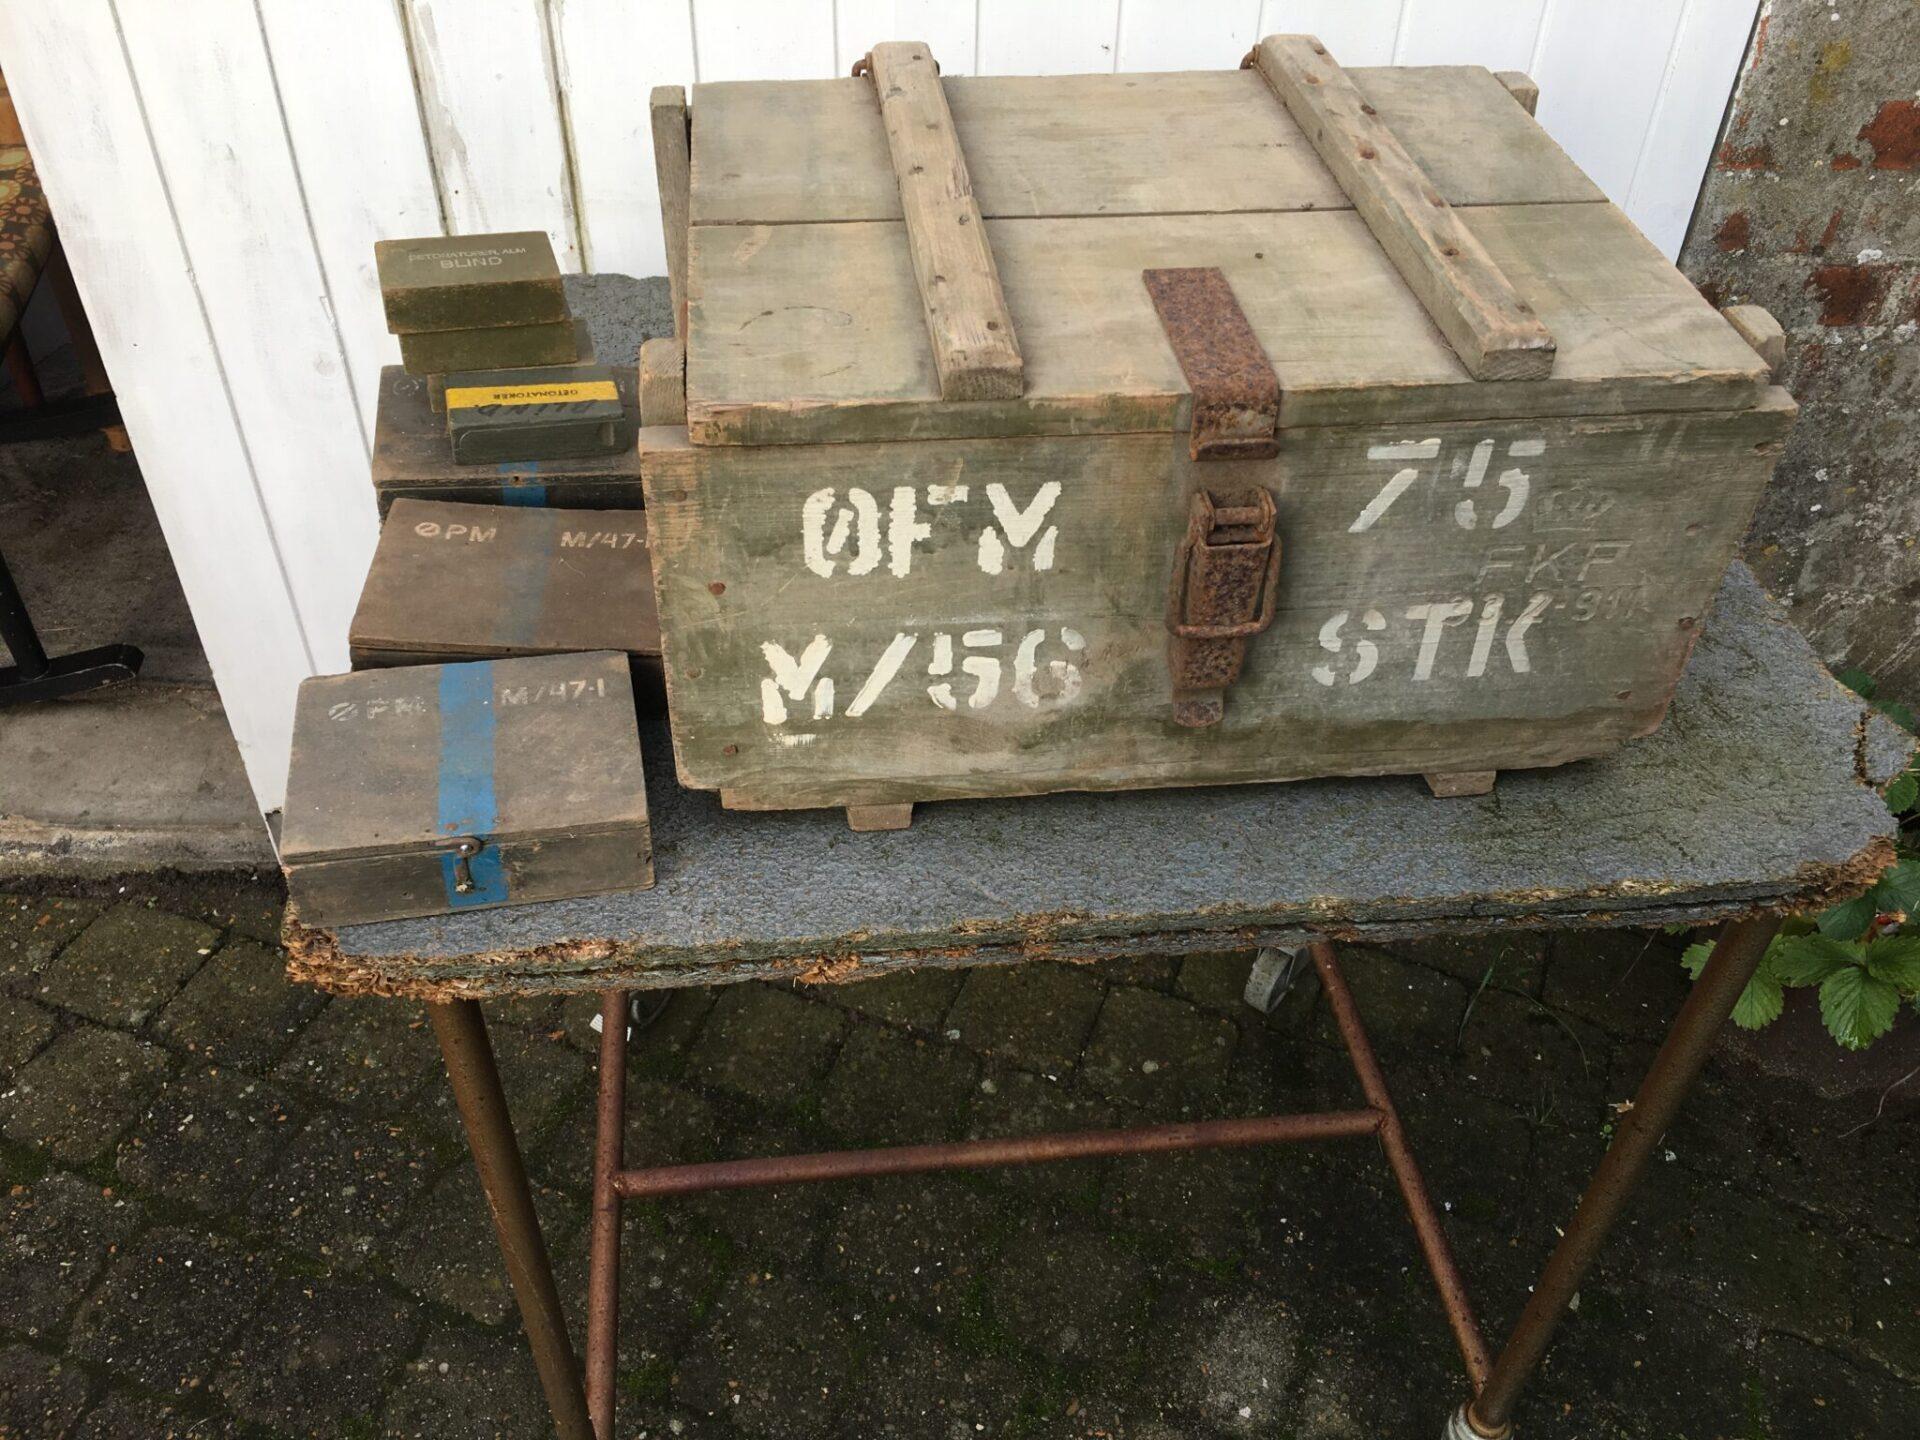 gammel militærkasse + diverse æsker til ammunition, samlet pris 300 kr